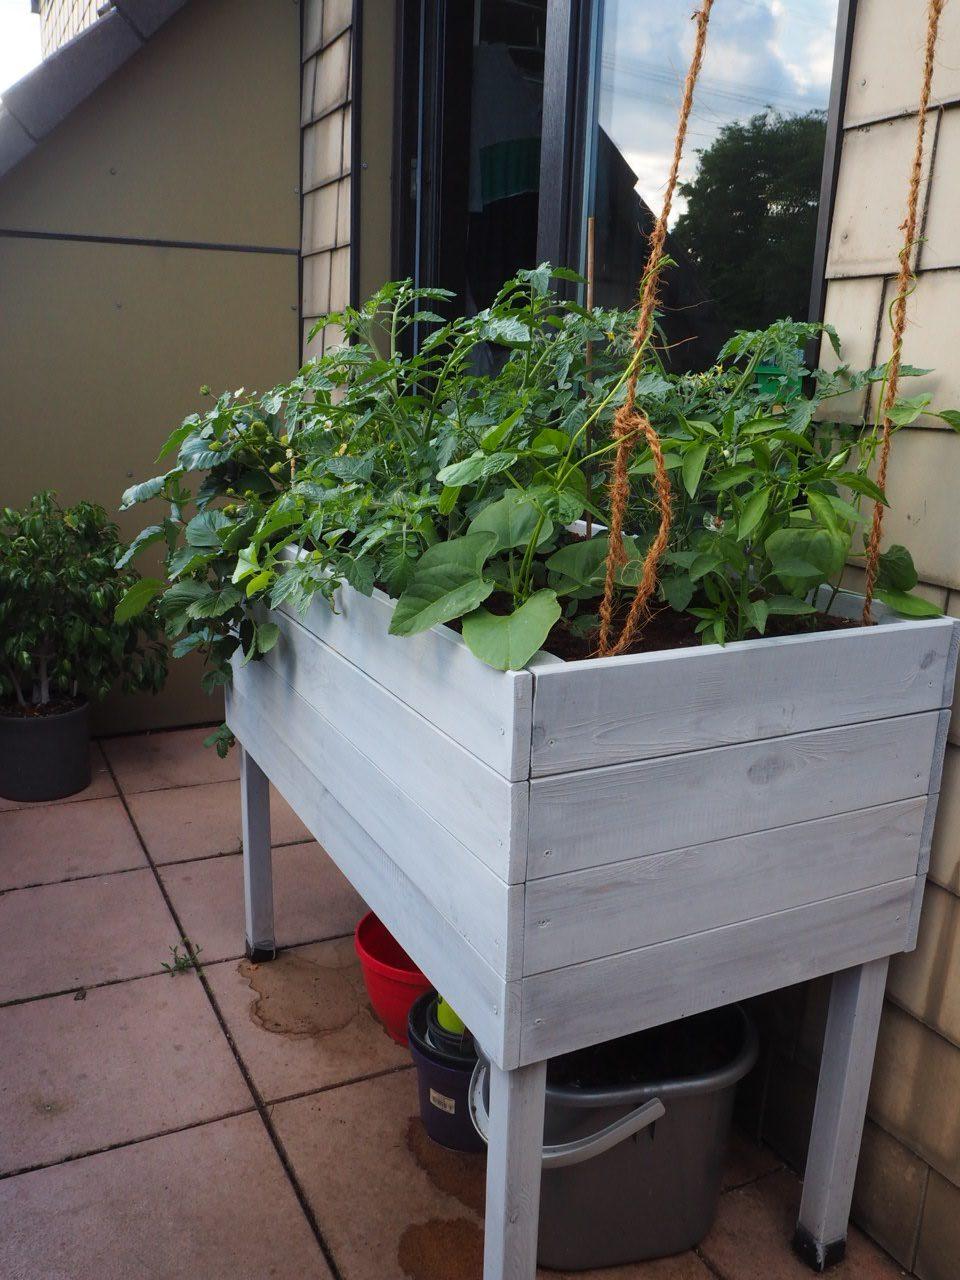 Kiste auf dem Balkon